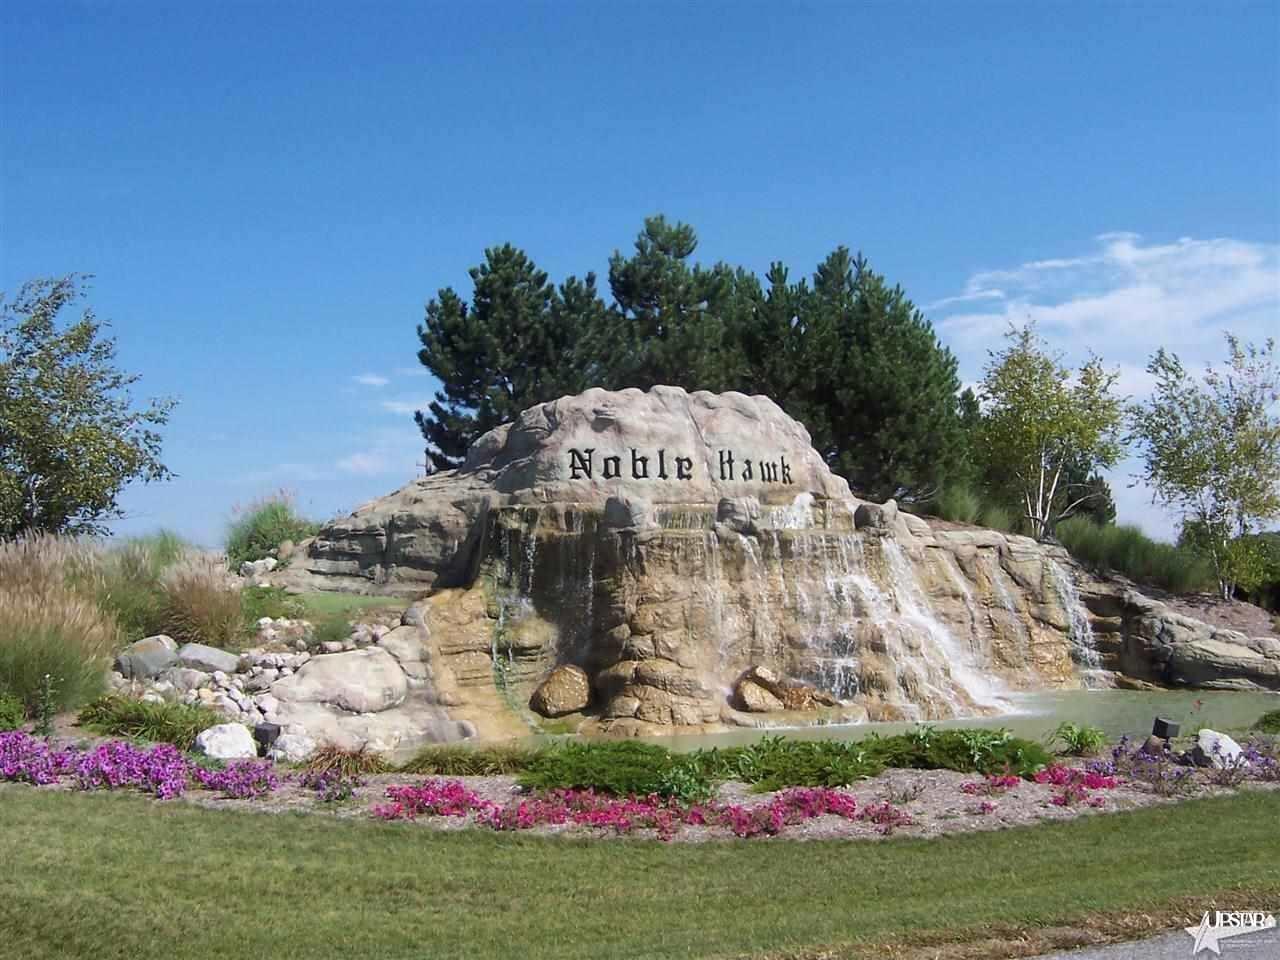 2910 Noble Hawk, Kendallville, IN 46755